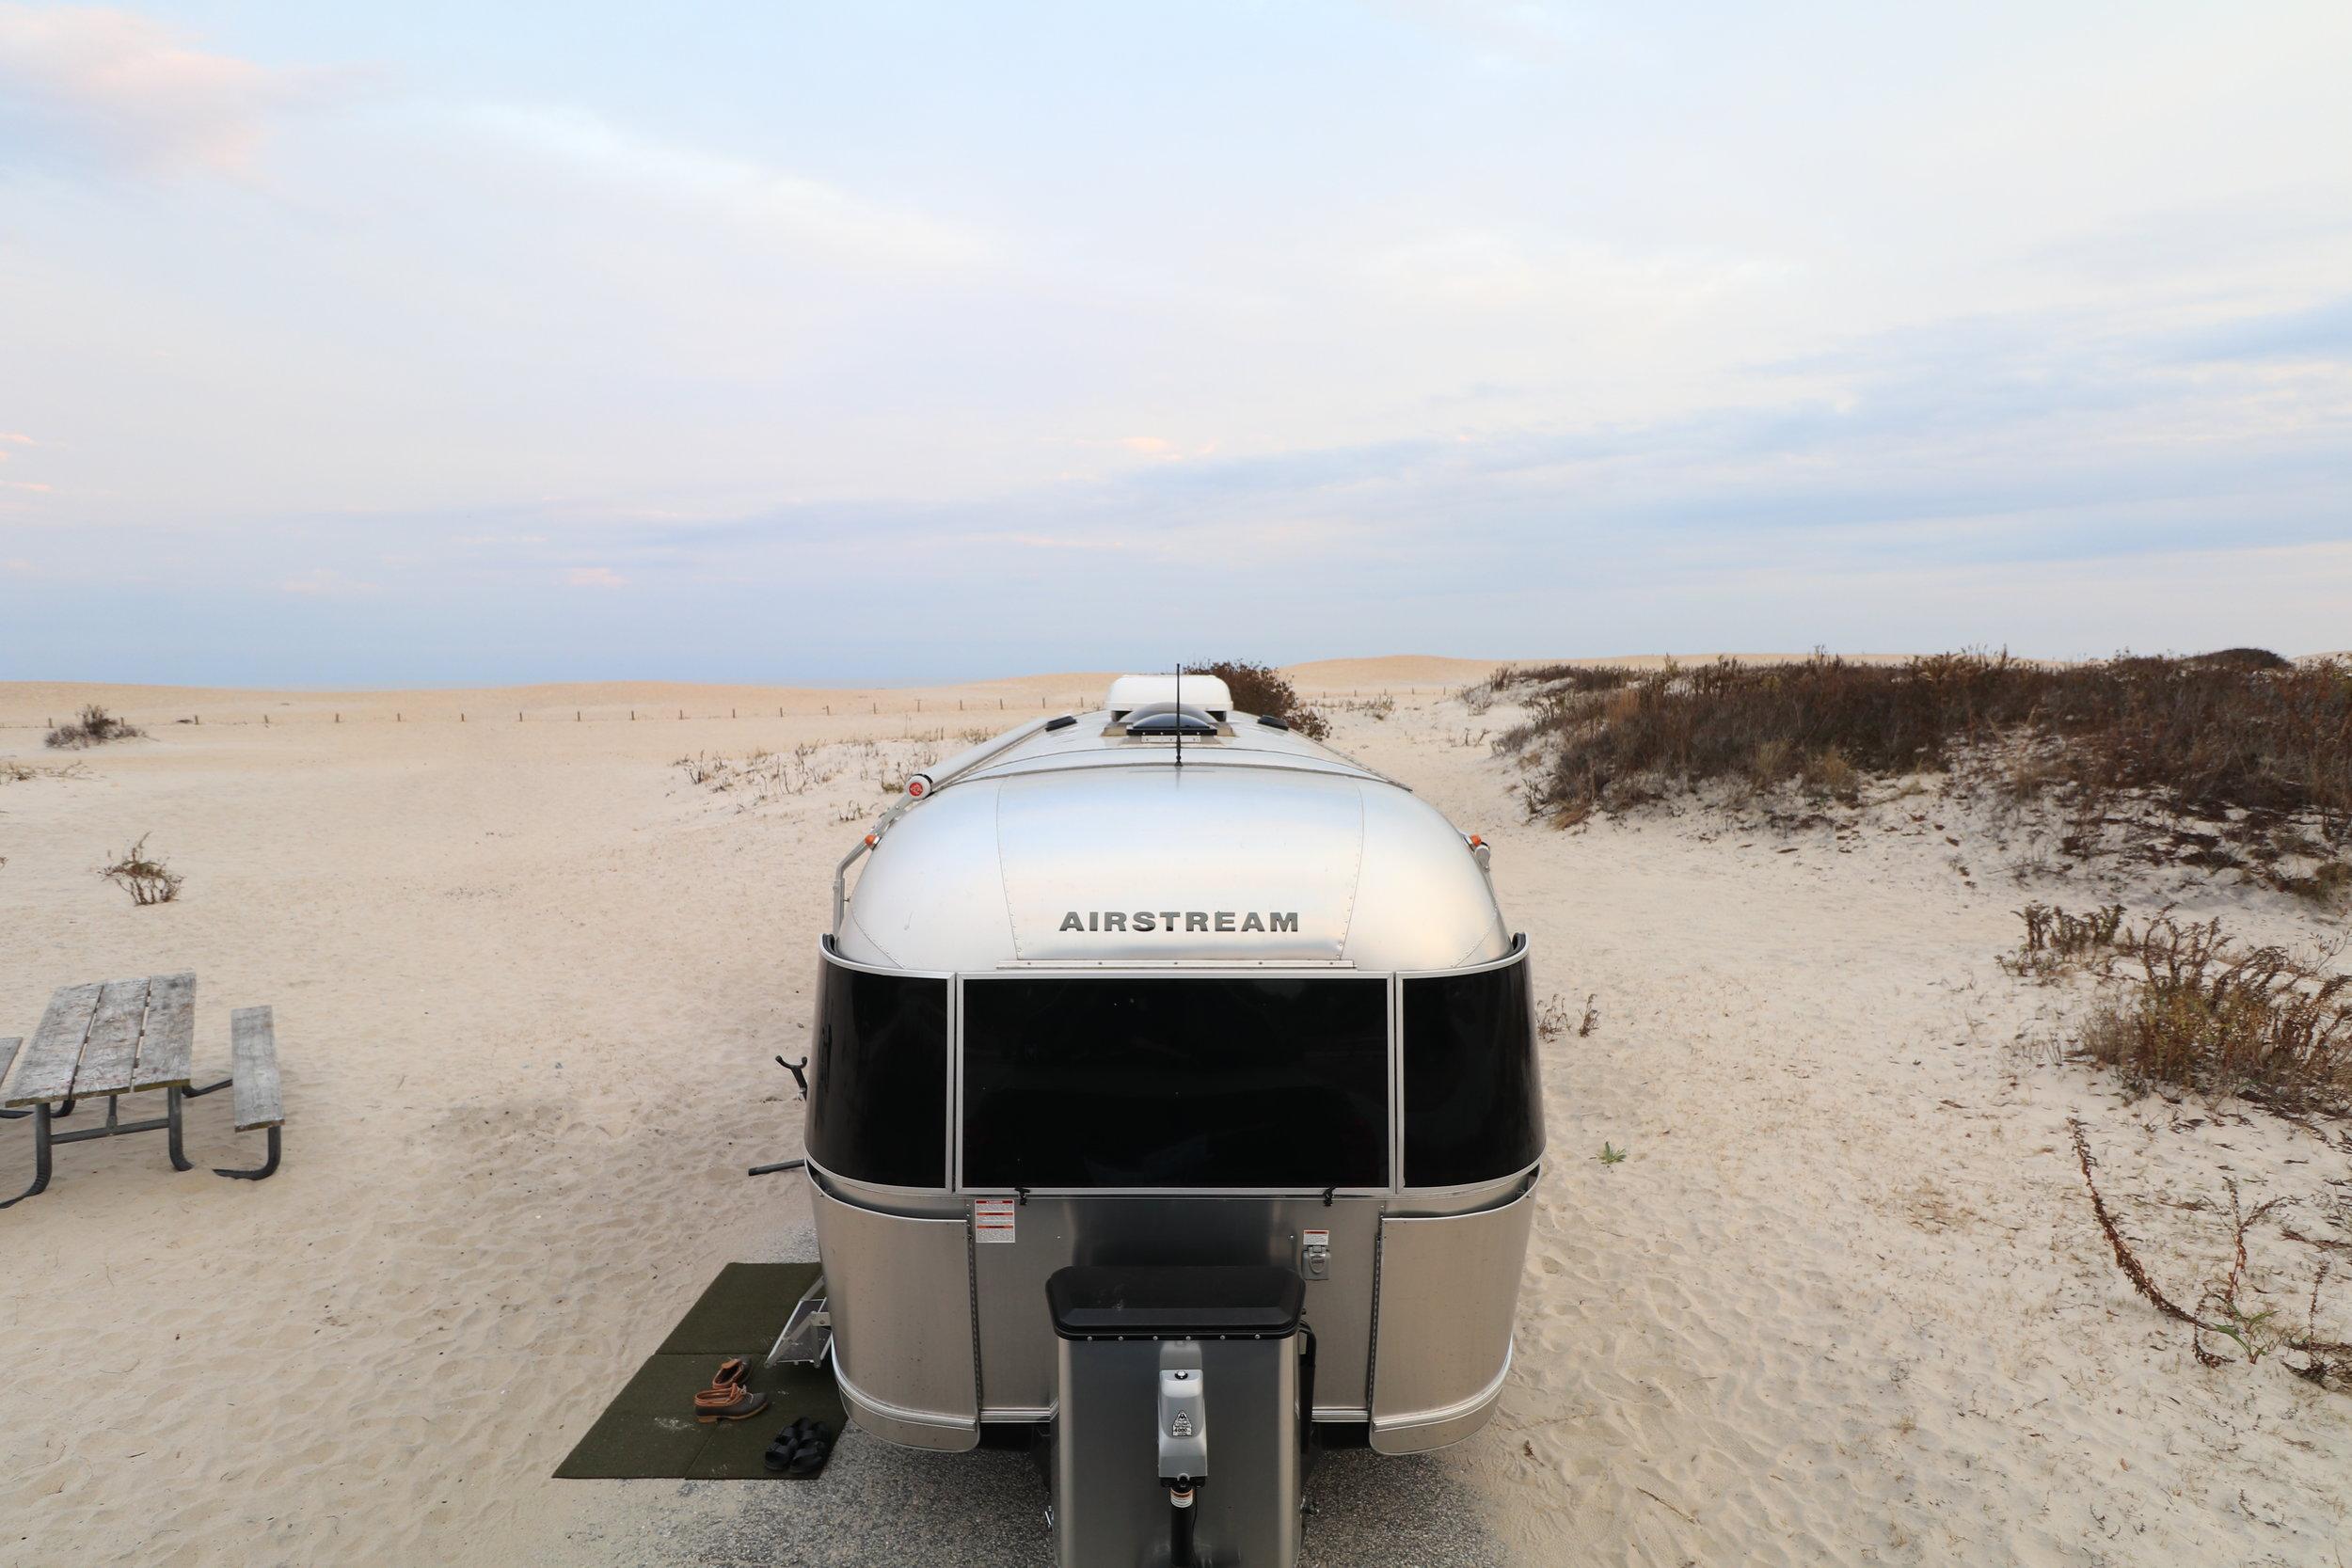 airstream-exterior-campsite-10-MD-assateagueisland05.JPG